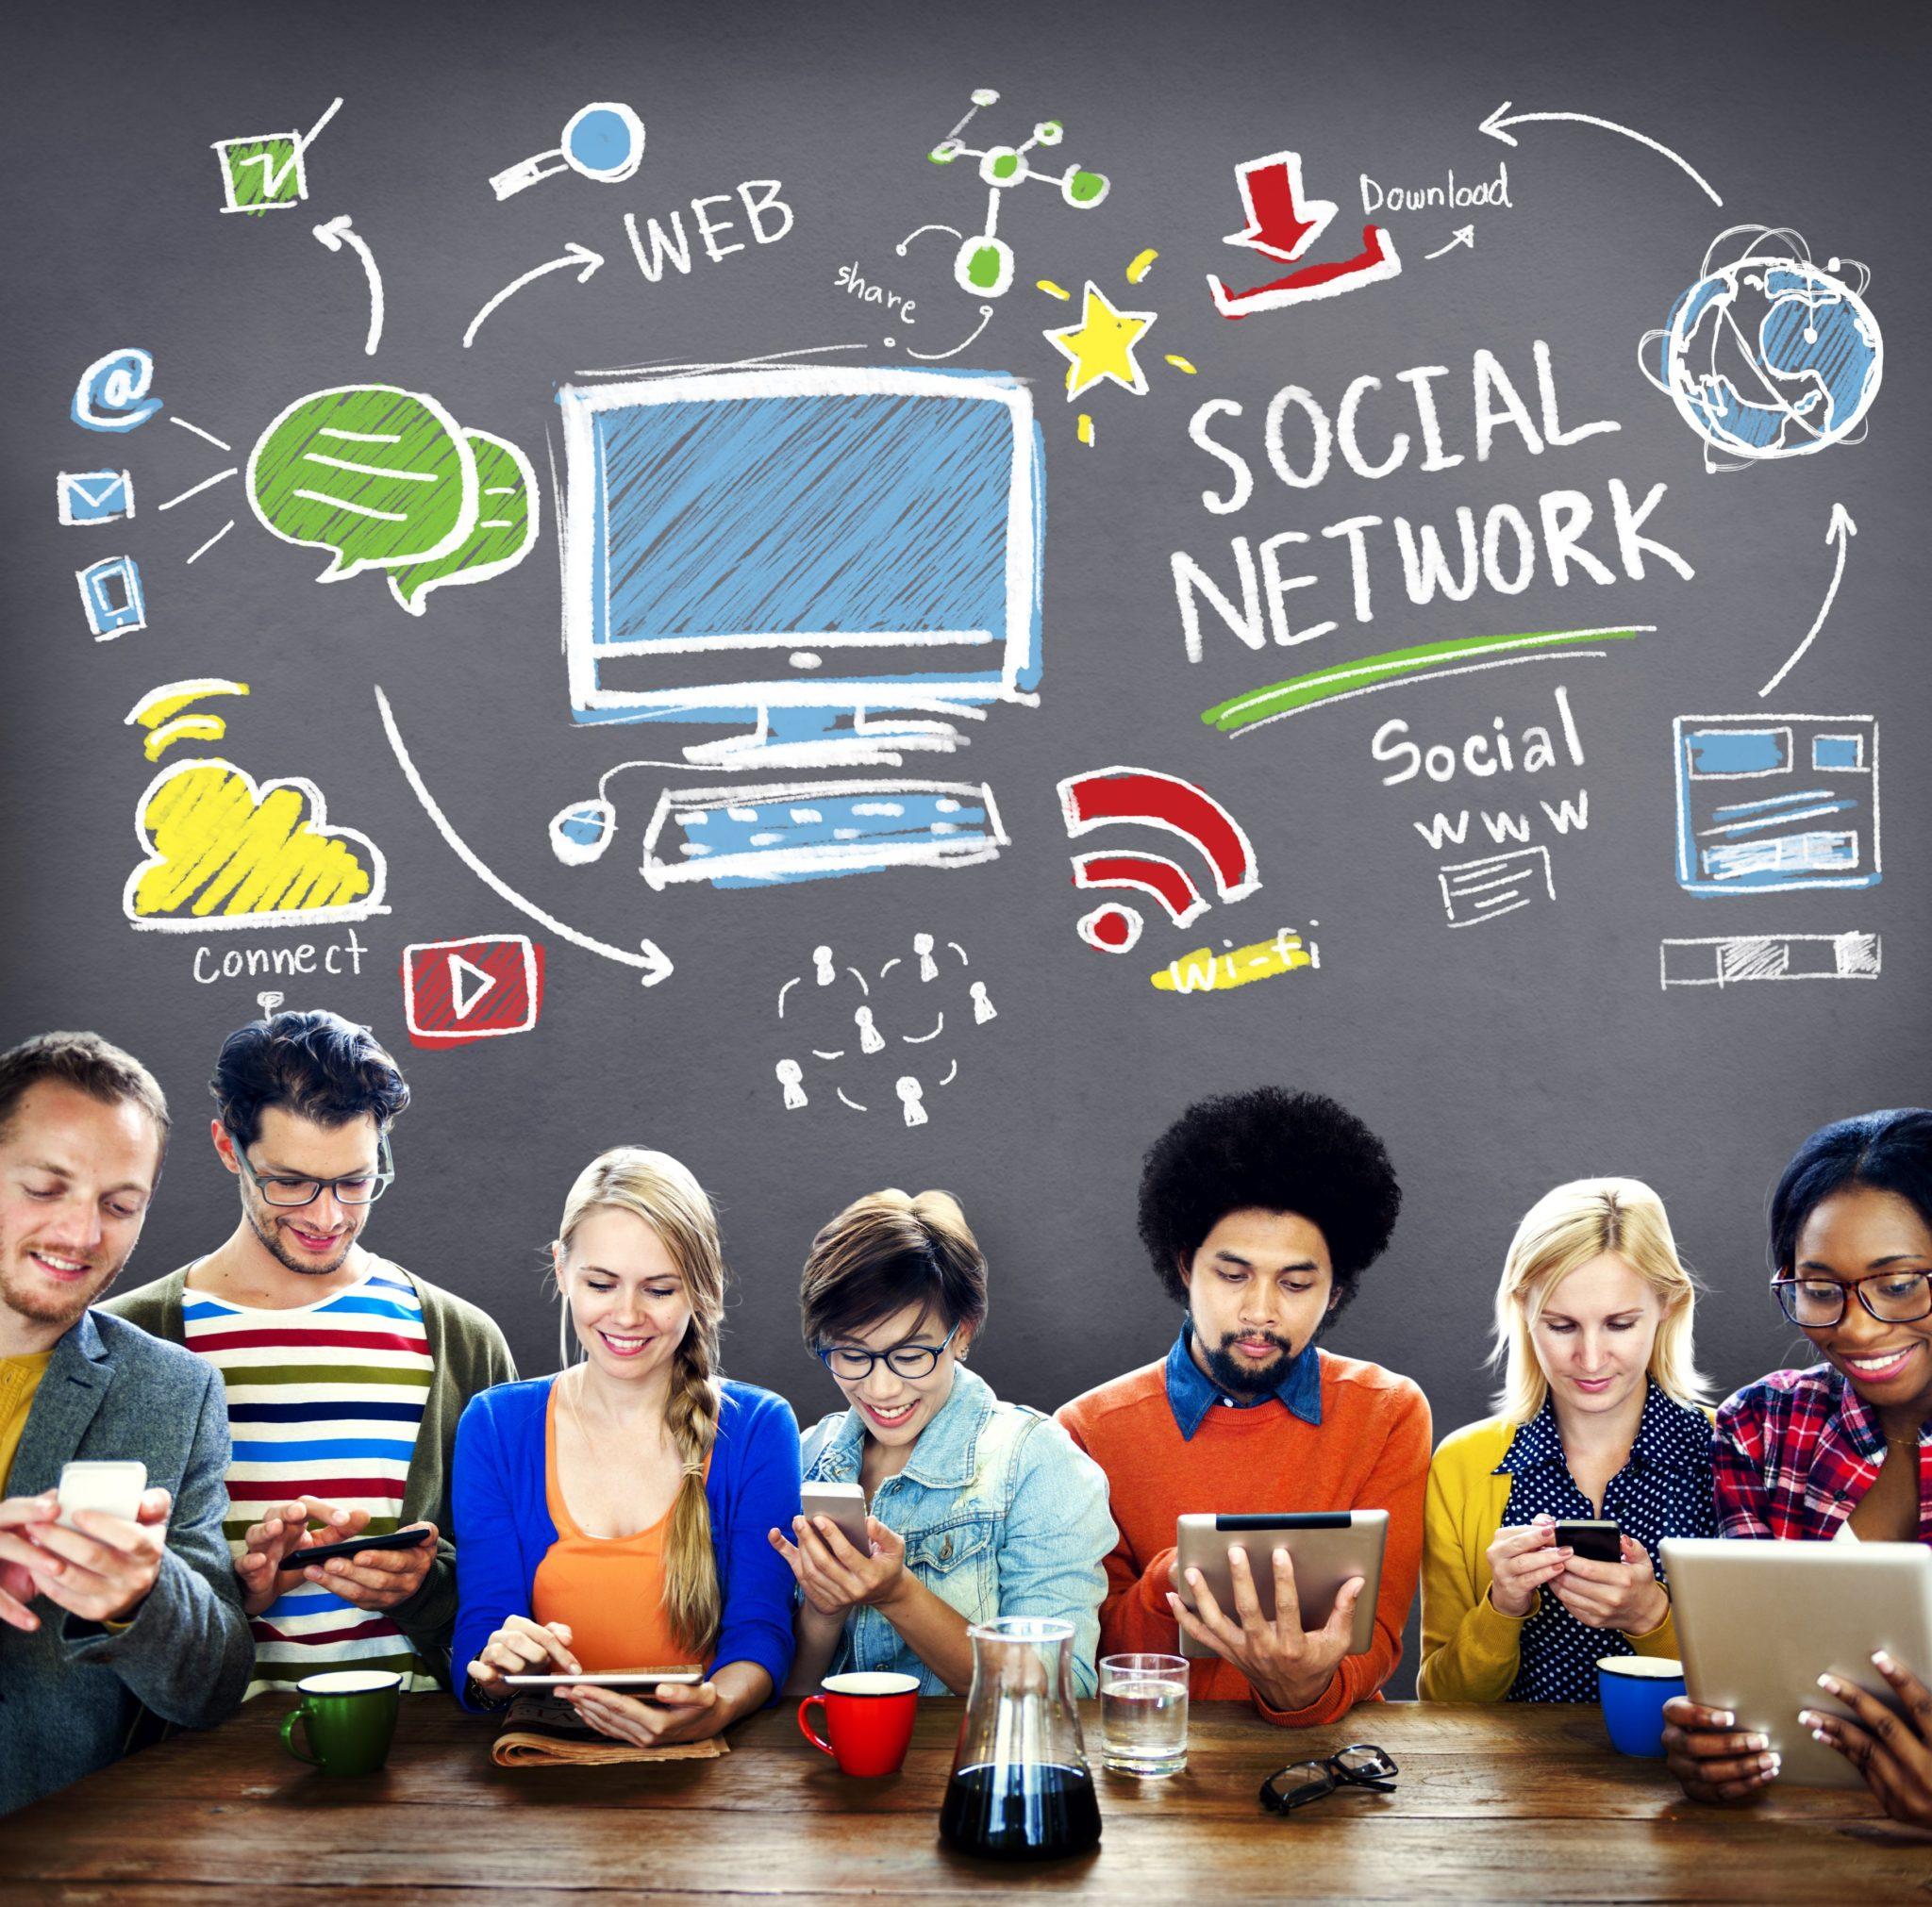 Artikel WiFi маркетингът като световна тенденция